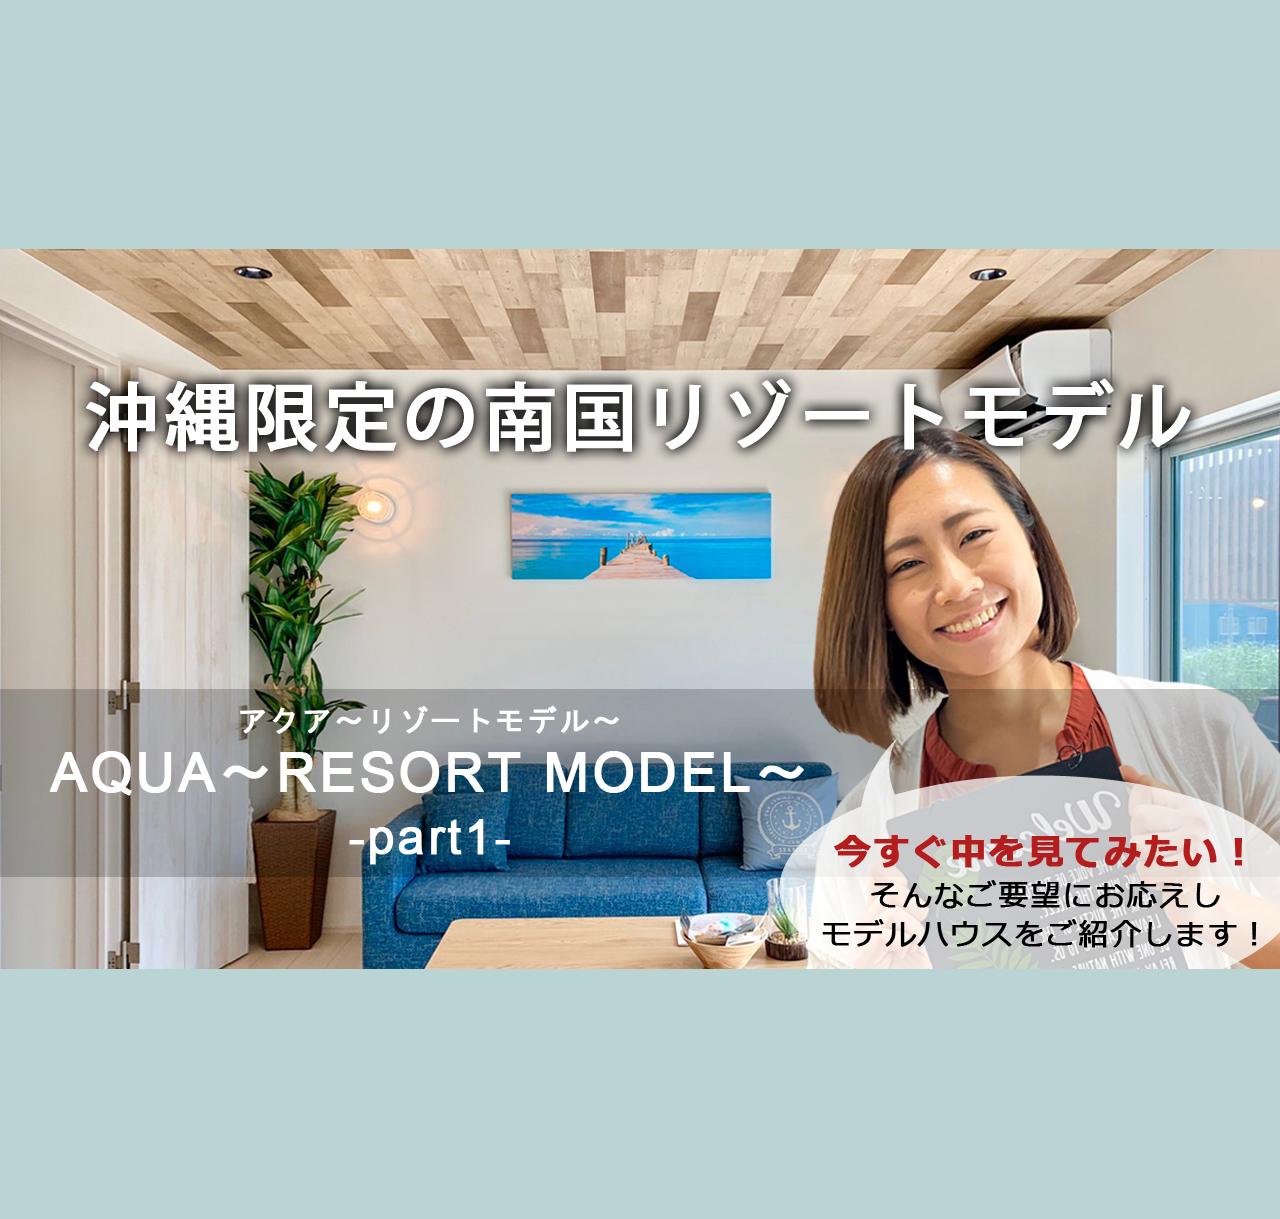 Youtube限定!バーチャル見学会 AQUA~Resort model~